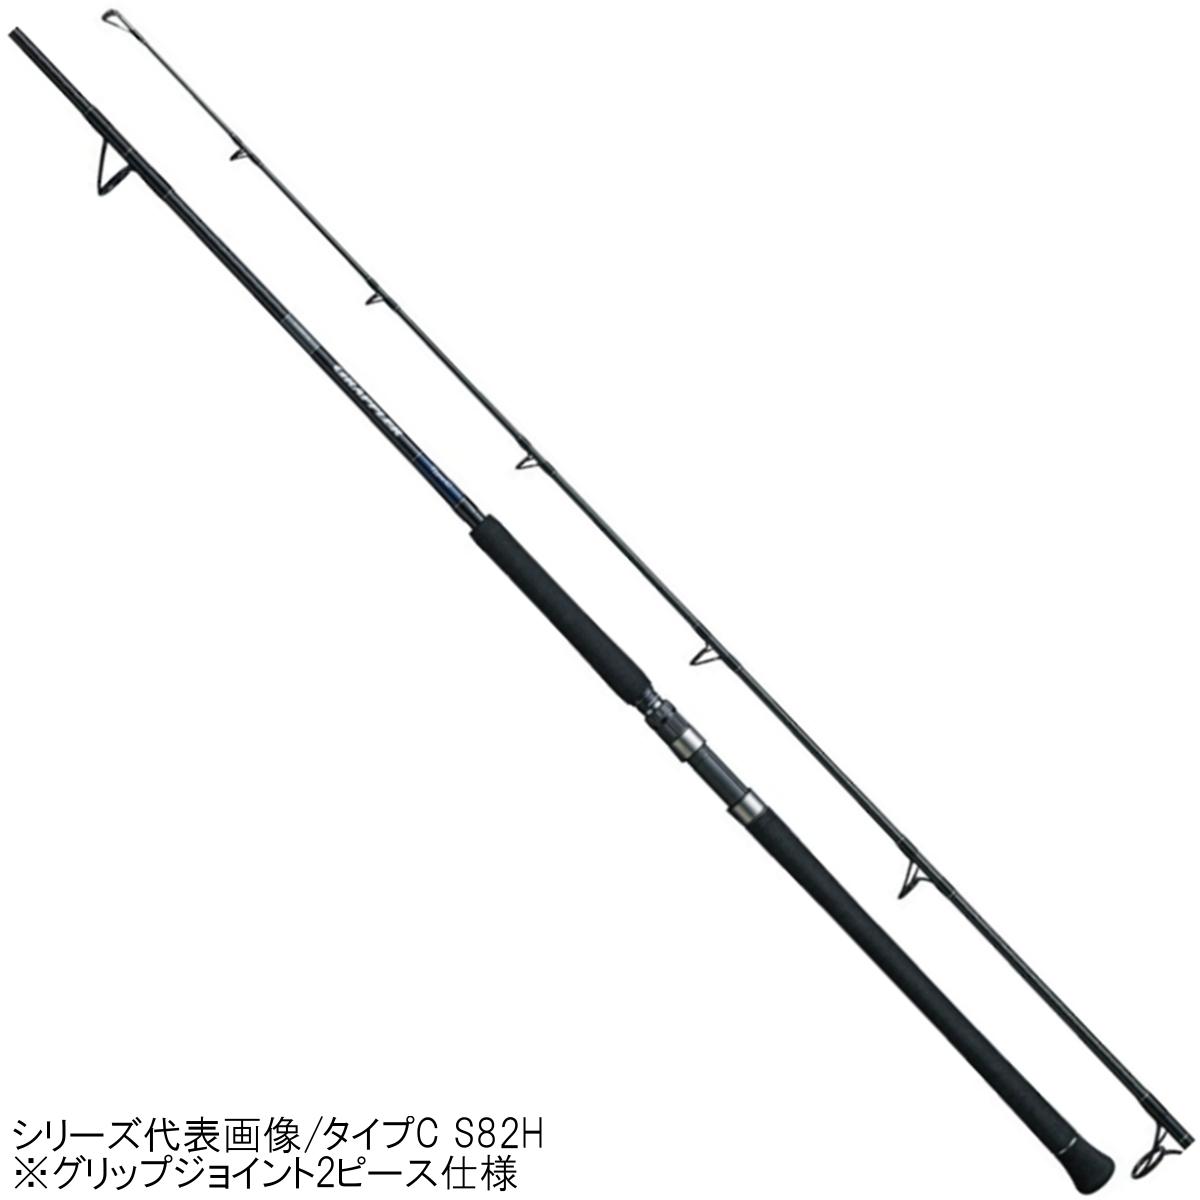 シマノ グラップラー タイプC S77MH【大型商品】